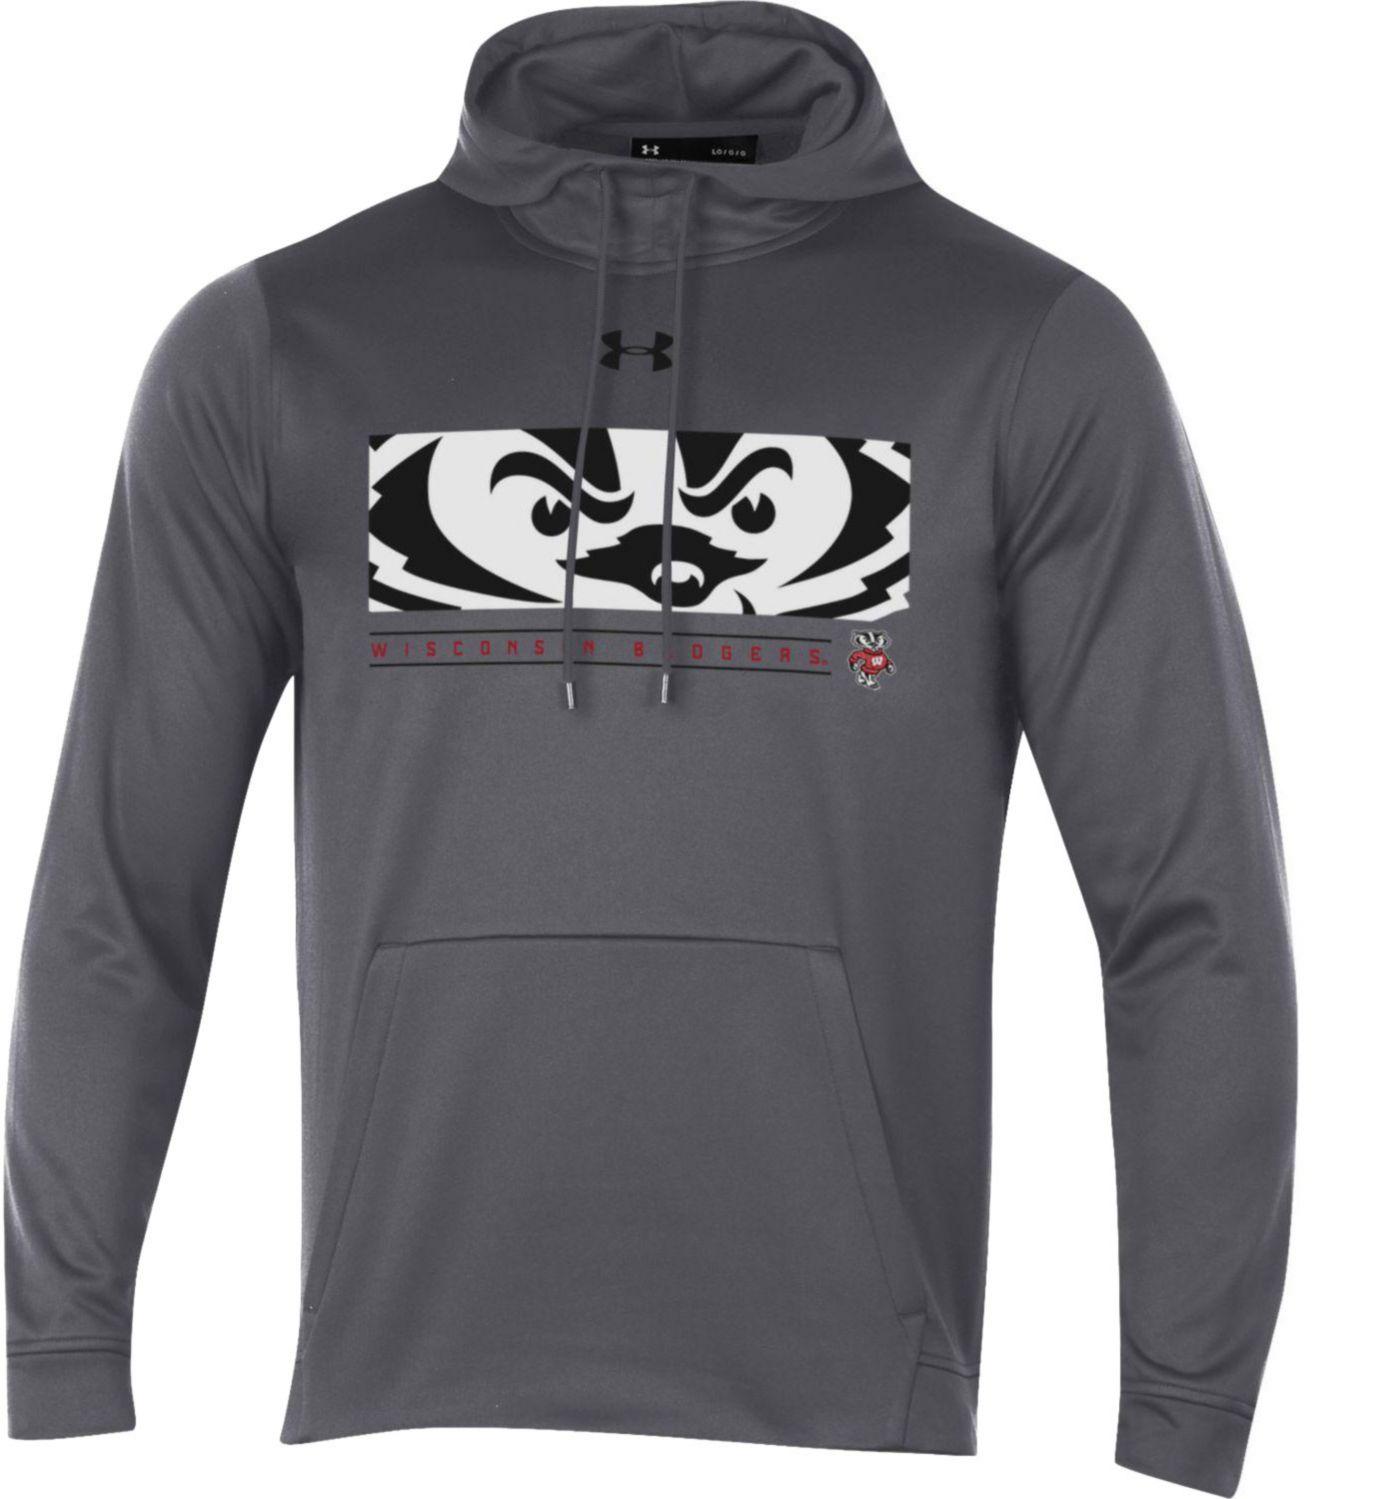 Under Armour Men's Wisconsin Badgers Grey Armourfleece Pullover Hoodie